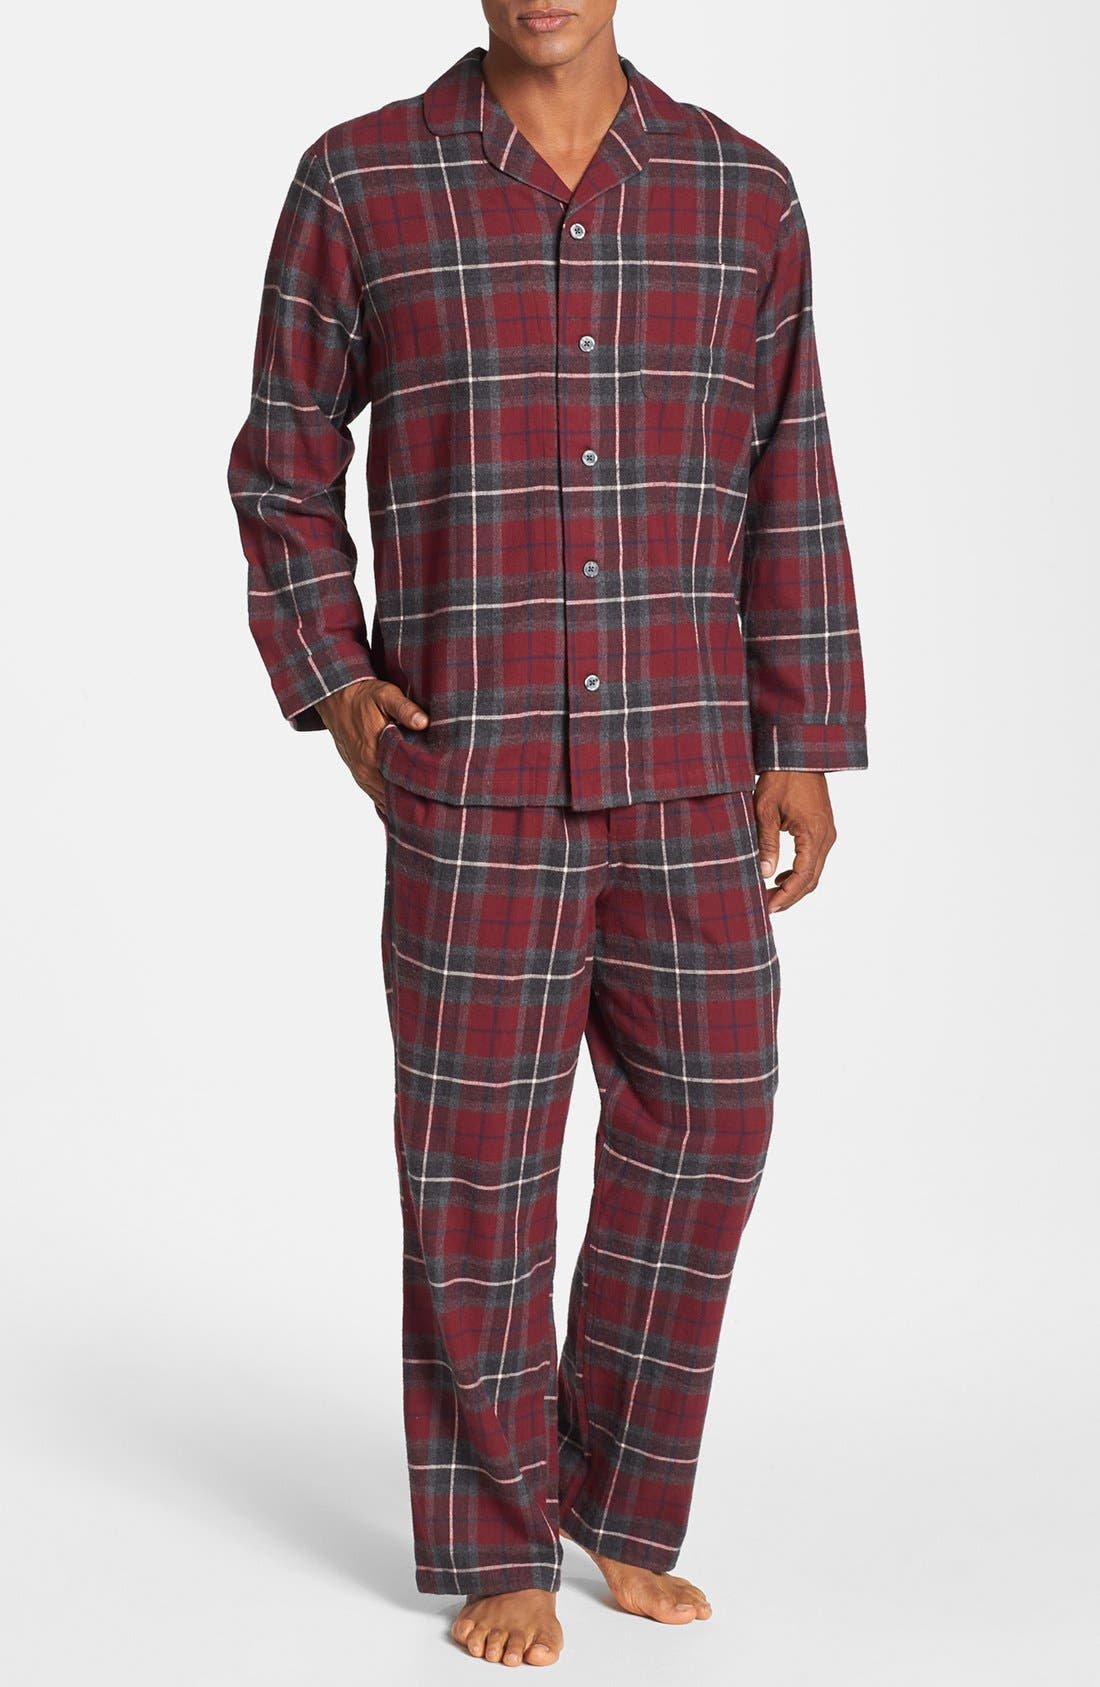 Alternate Image 1 Selected - Nordstrom Men's Shop '824' Flannel Pajama Set